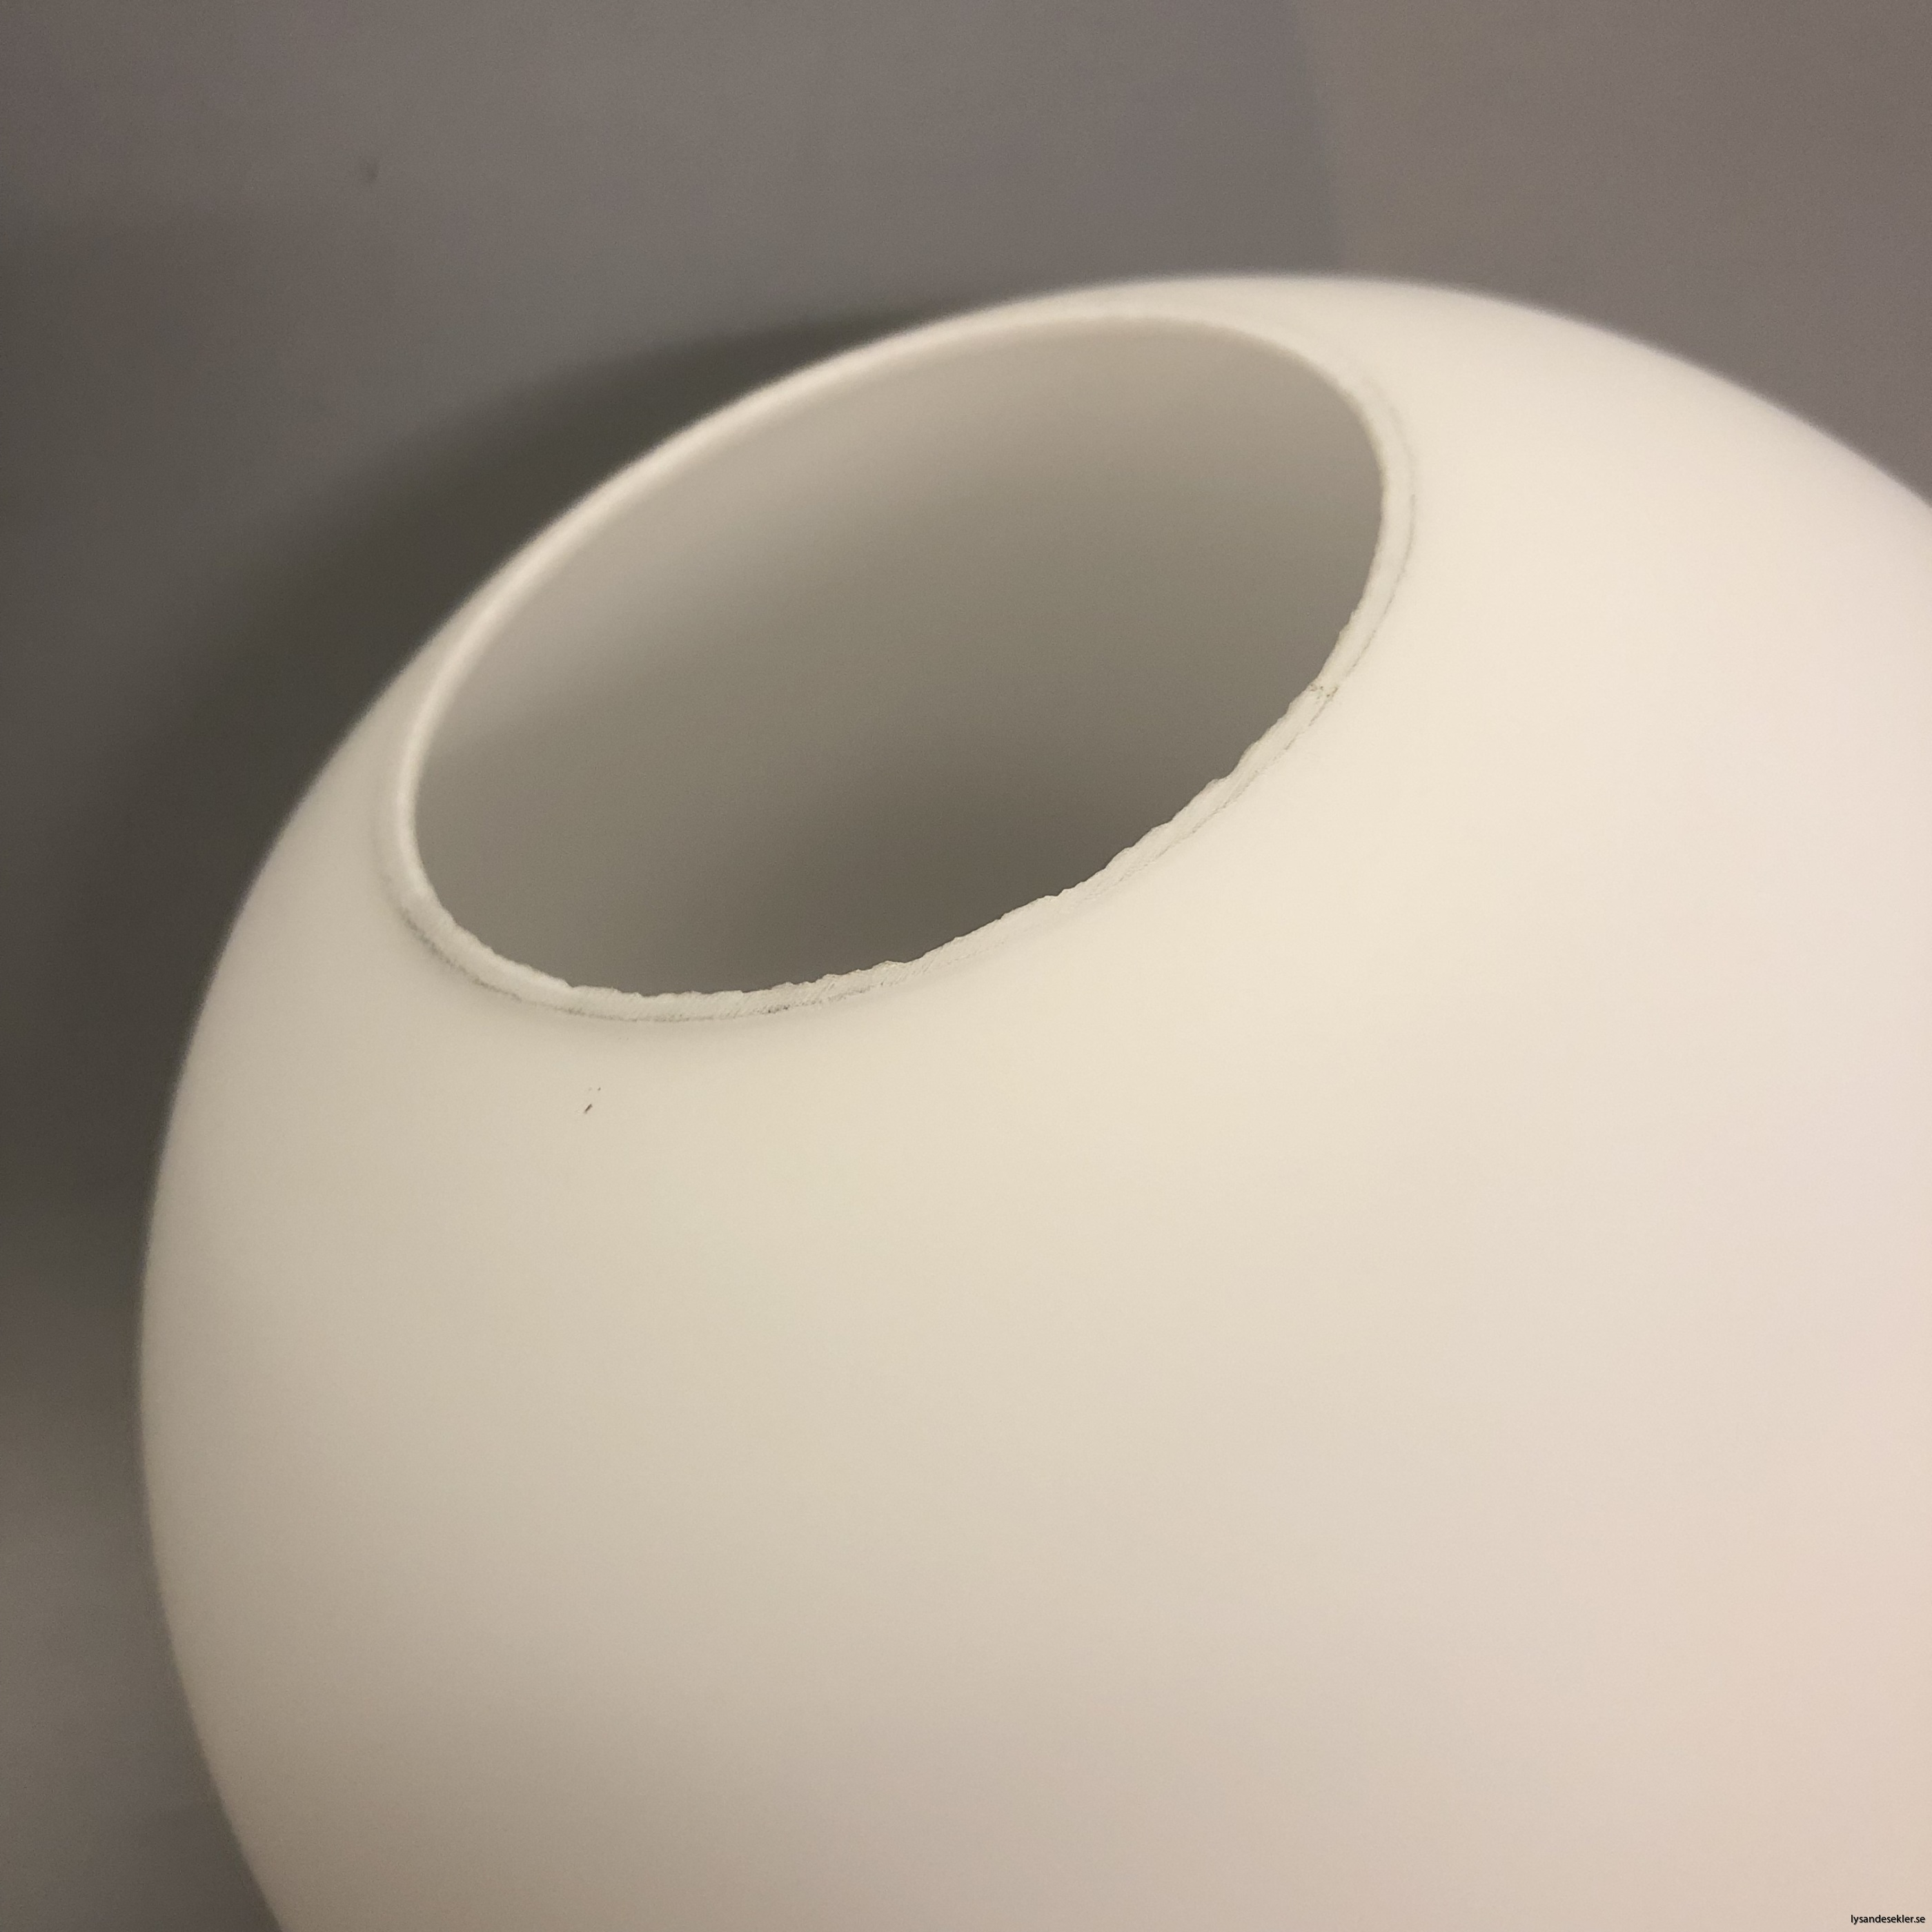 klot glas lampklot lampglas klotglas matt blankt vitt hålkupa hål11